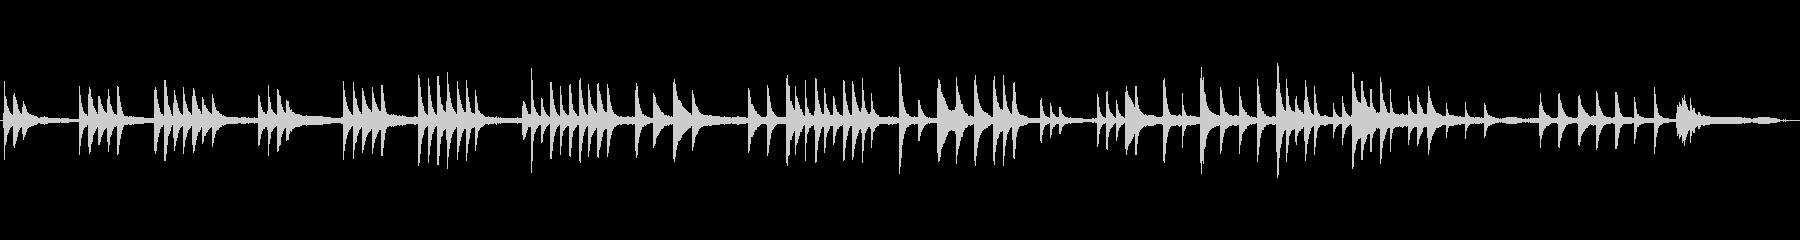 しっとりと切ないピアノのBGMの未再生の波形